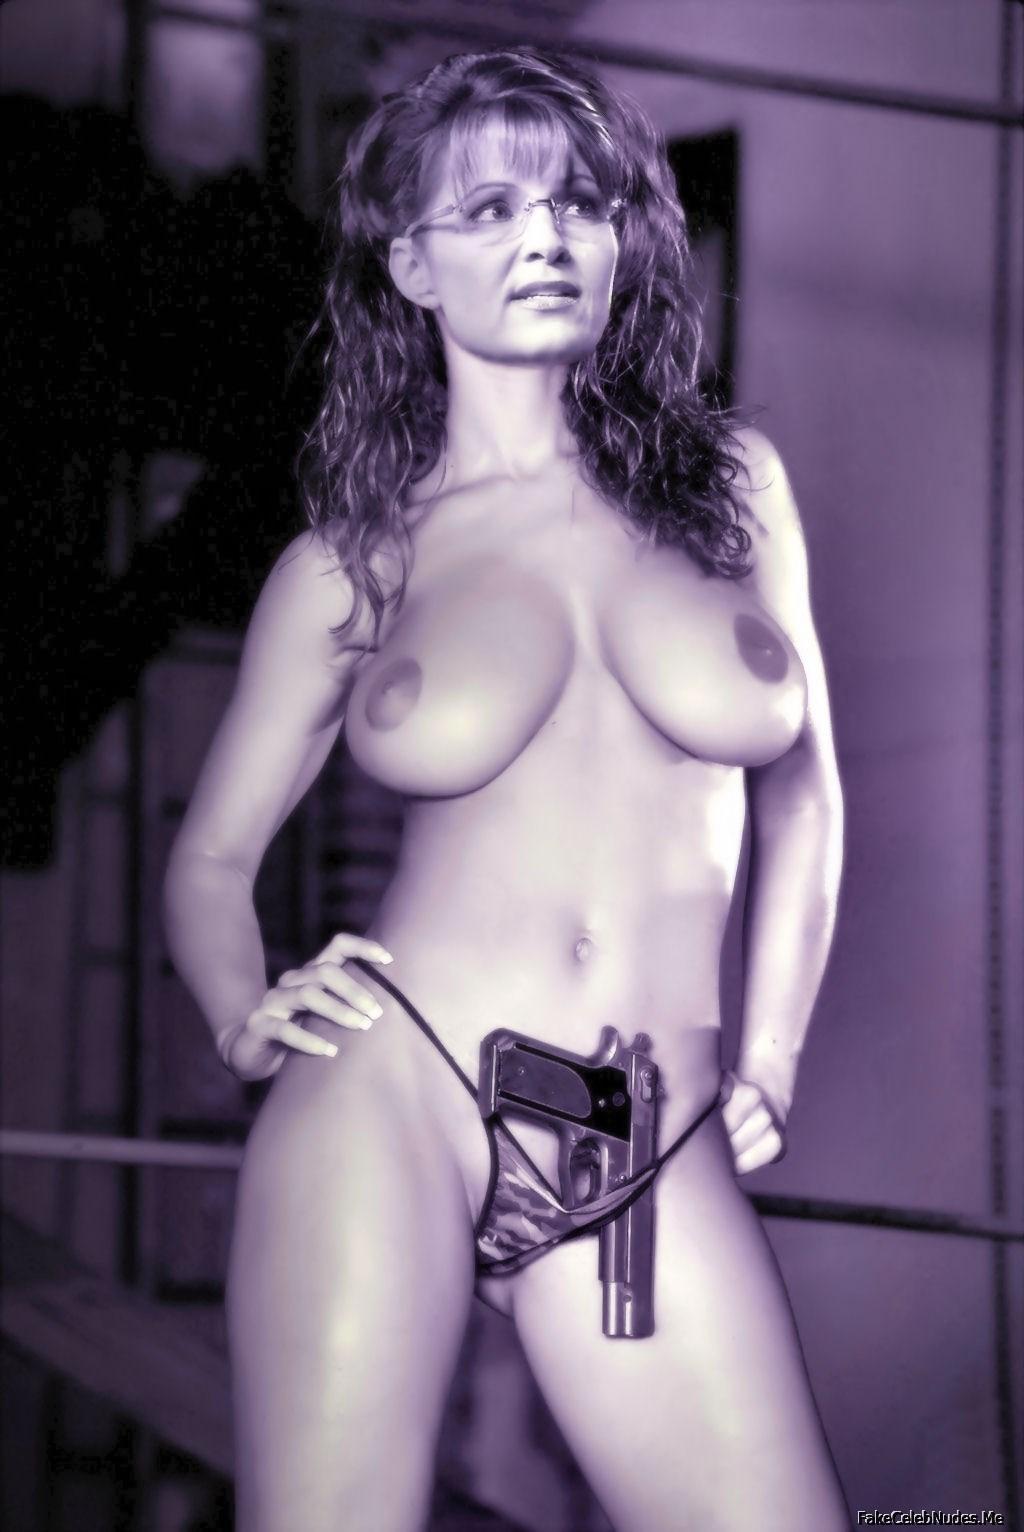 Sarah palin nu photo, nerd nude hot